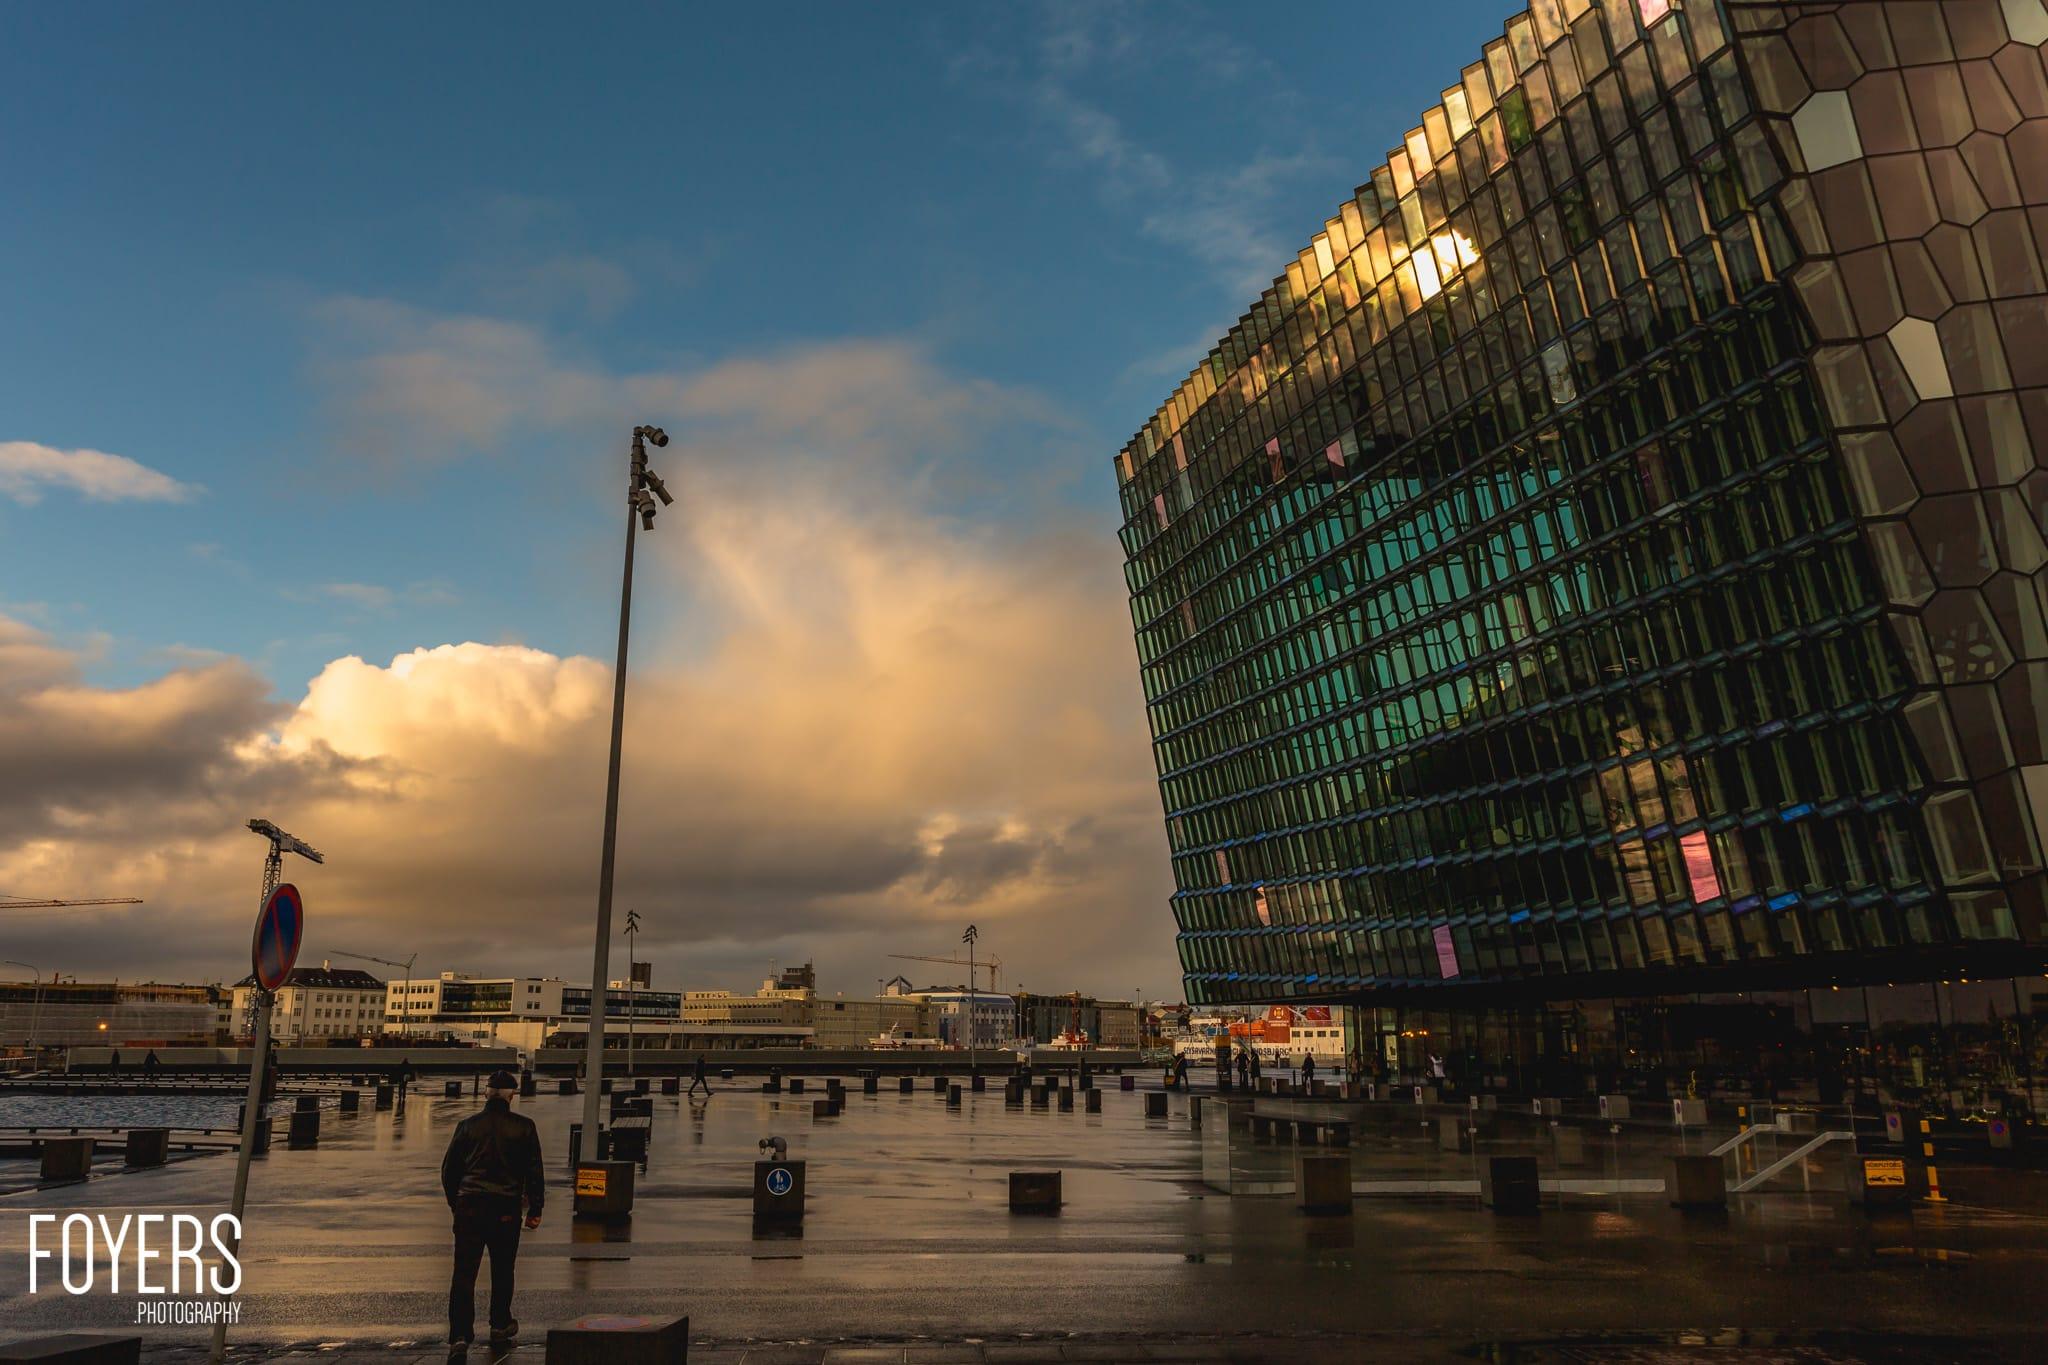 iceland-0022-november-09-2016-copyright-foyers-photography